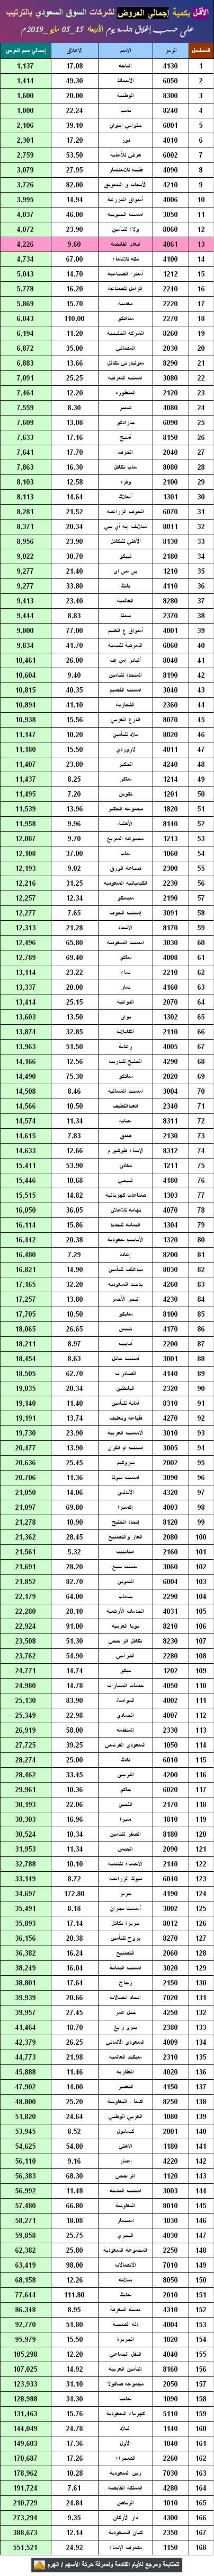 الأقـل بكمية إجمالي العروض لشركات السوق السعودي بالترتيب نادي خبراء المال